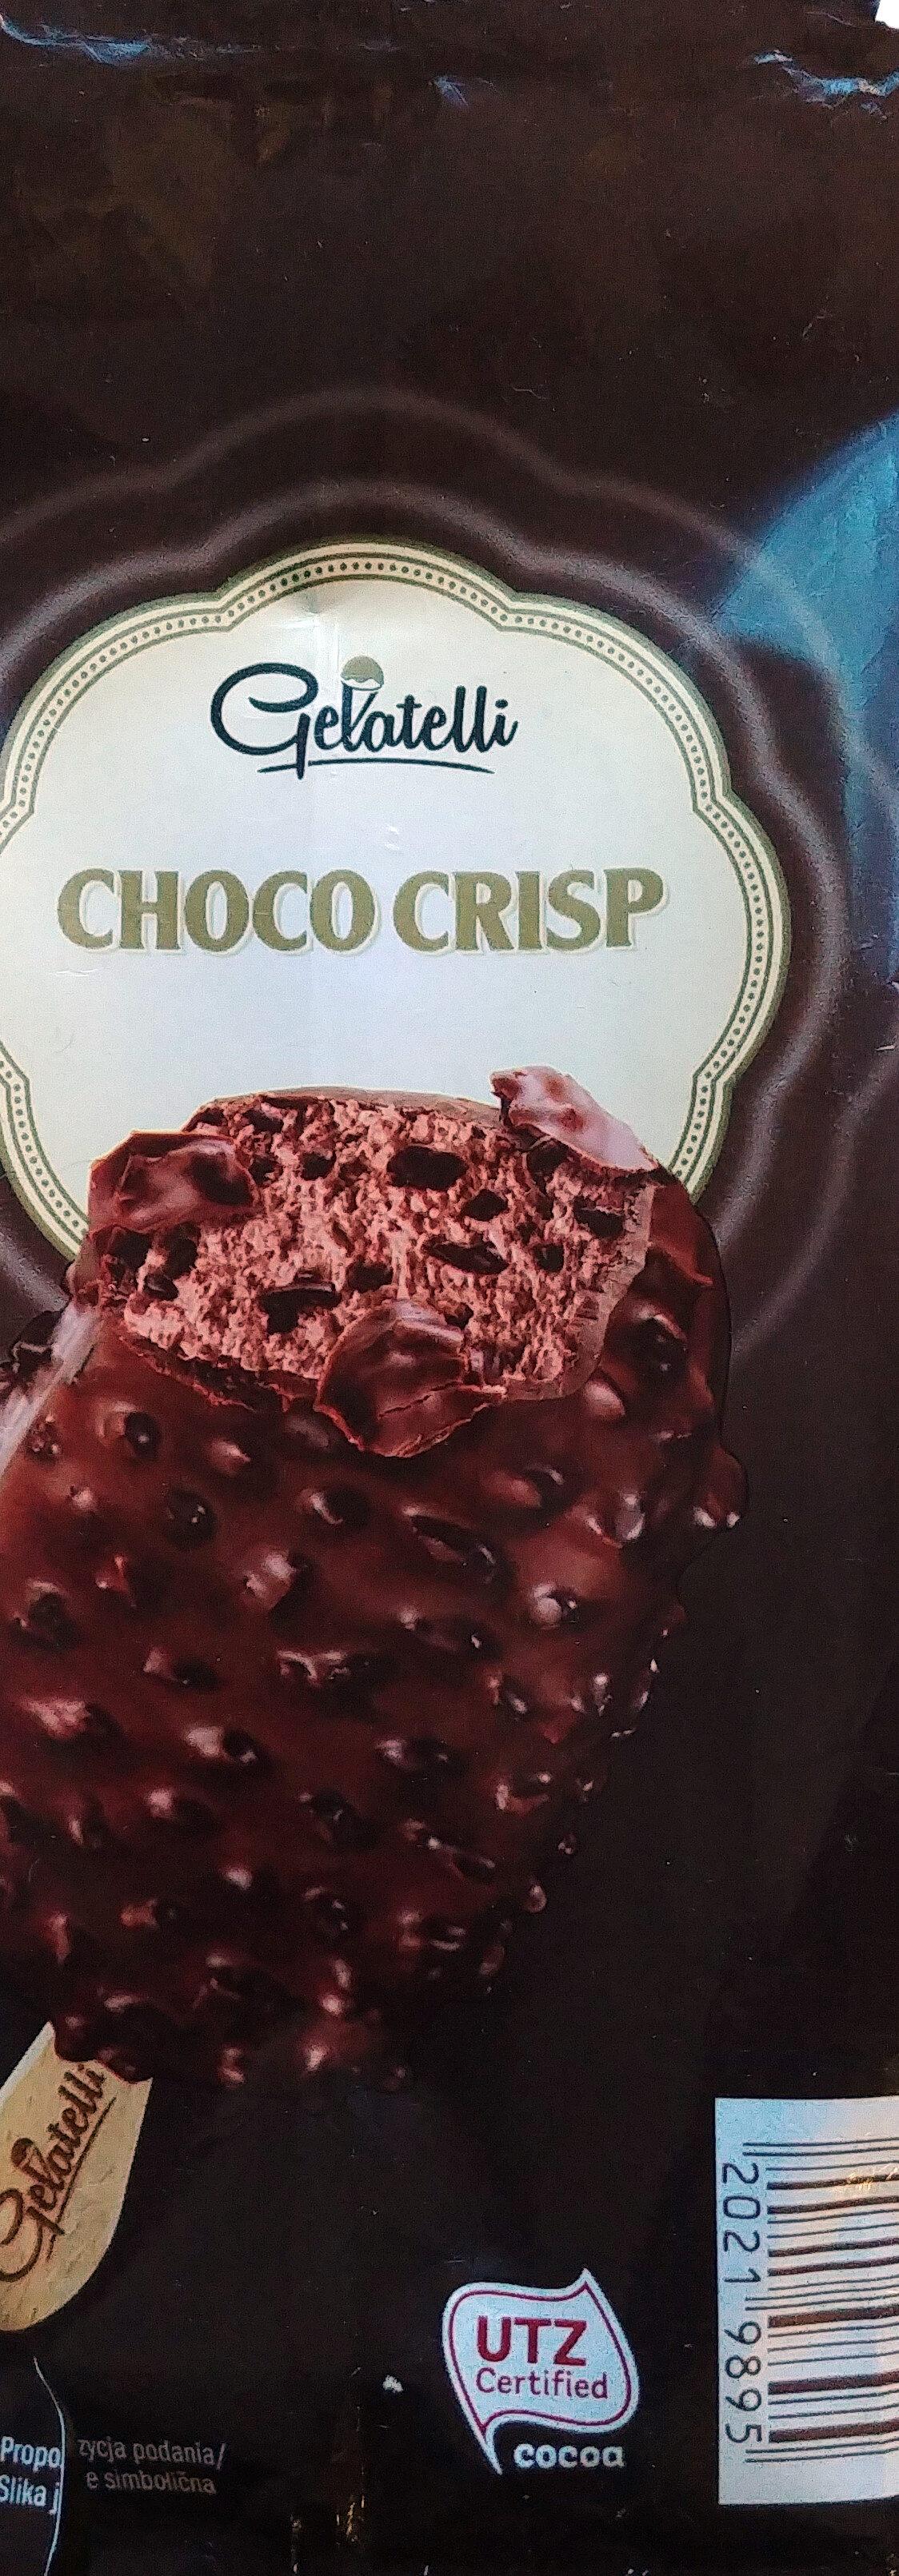 Lody o smaku czekoladowym 66%, z kawałkami czekolady 5% i z czekoladą mleczną 27% z ziarnami kakao 2%. - Product - pl